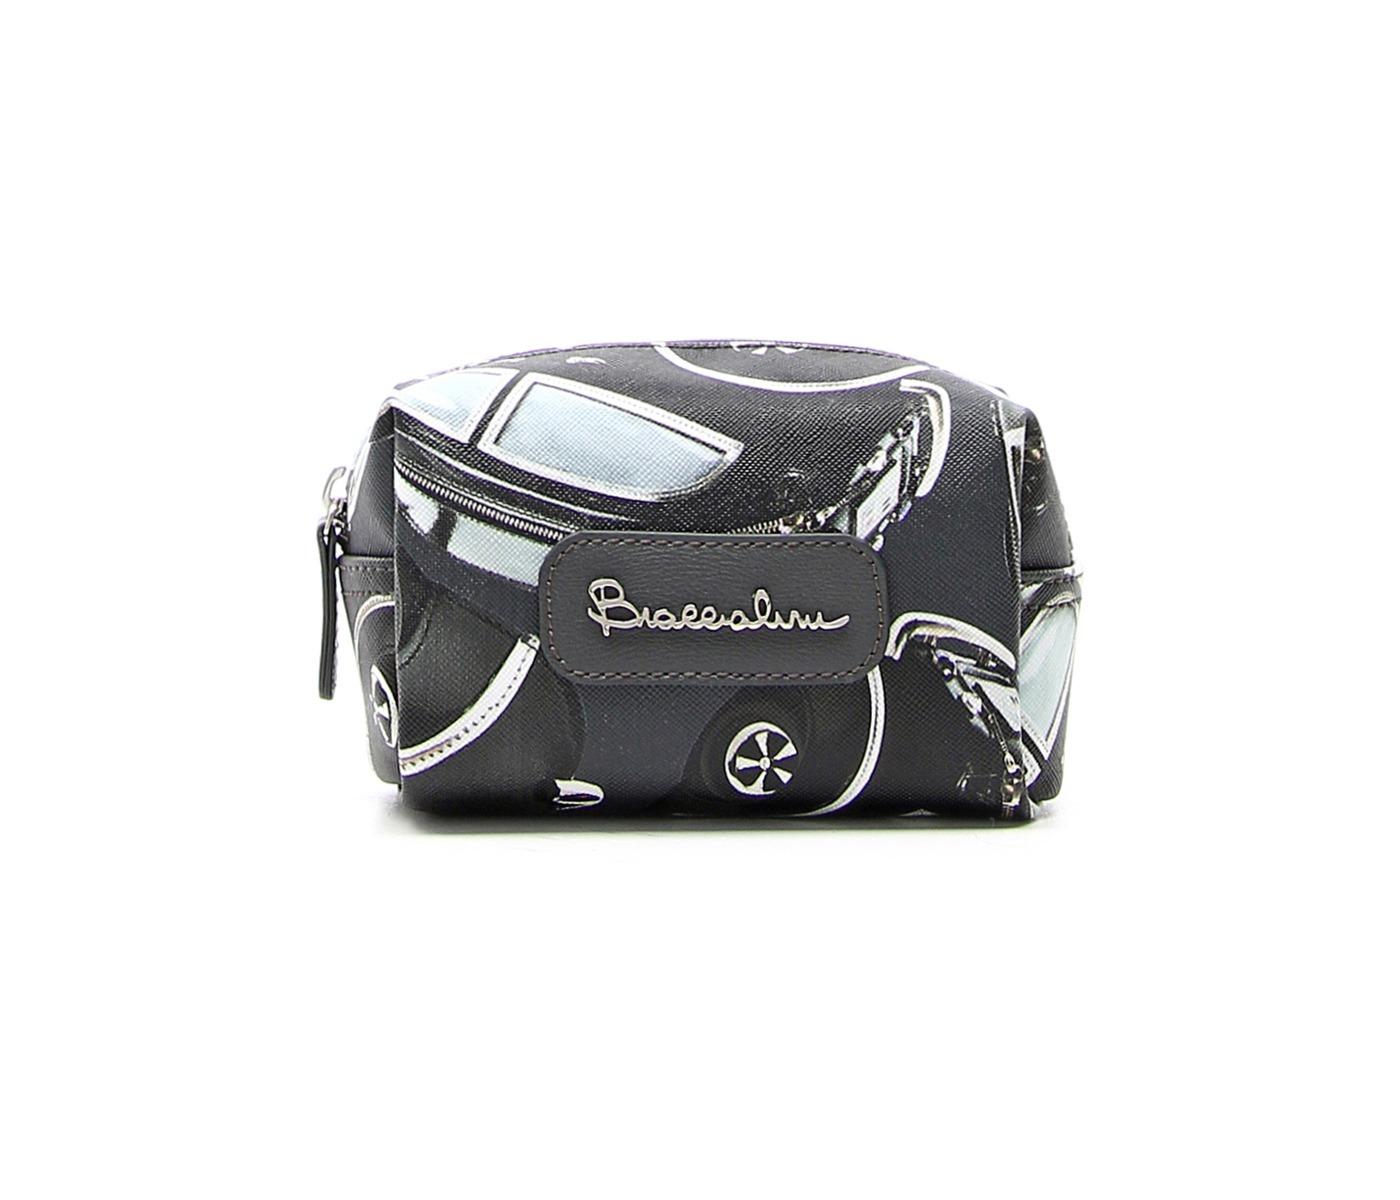 Design táska - Női olasz táskák - Braccialini shop  f409dd8aa9